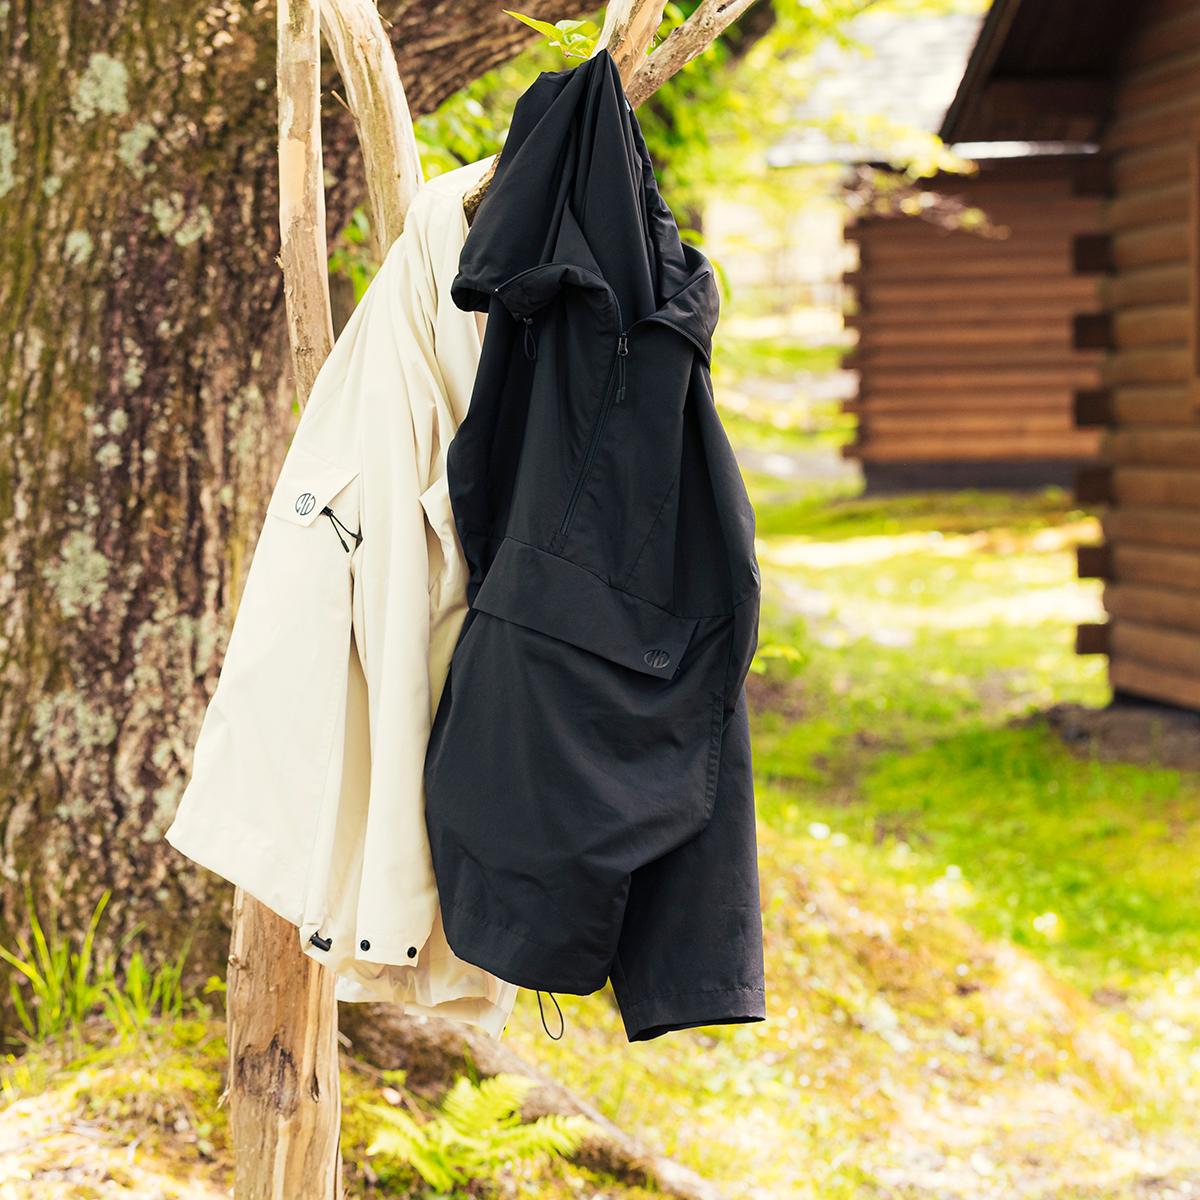 旅先での「あるある」についてとことん向き合い、行き着いた答えが「着られるバッグ」という発想。「バッグ一体型パーカー」| SANYO ENJIN